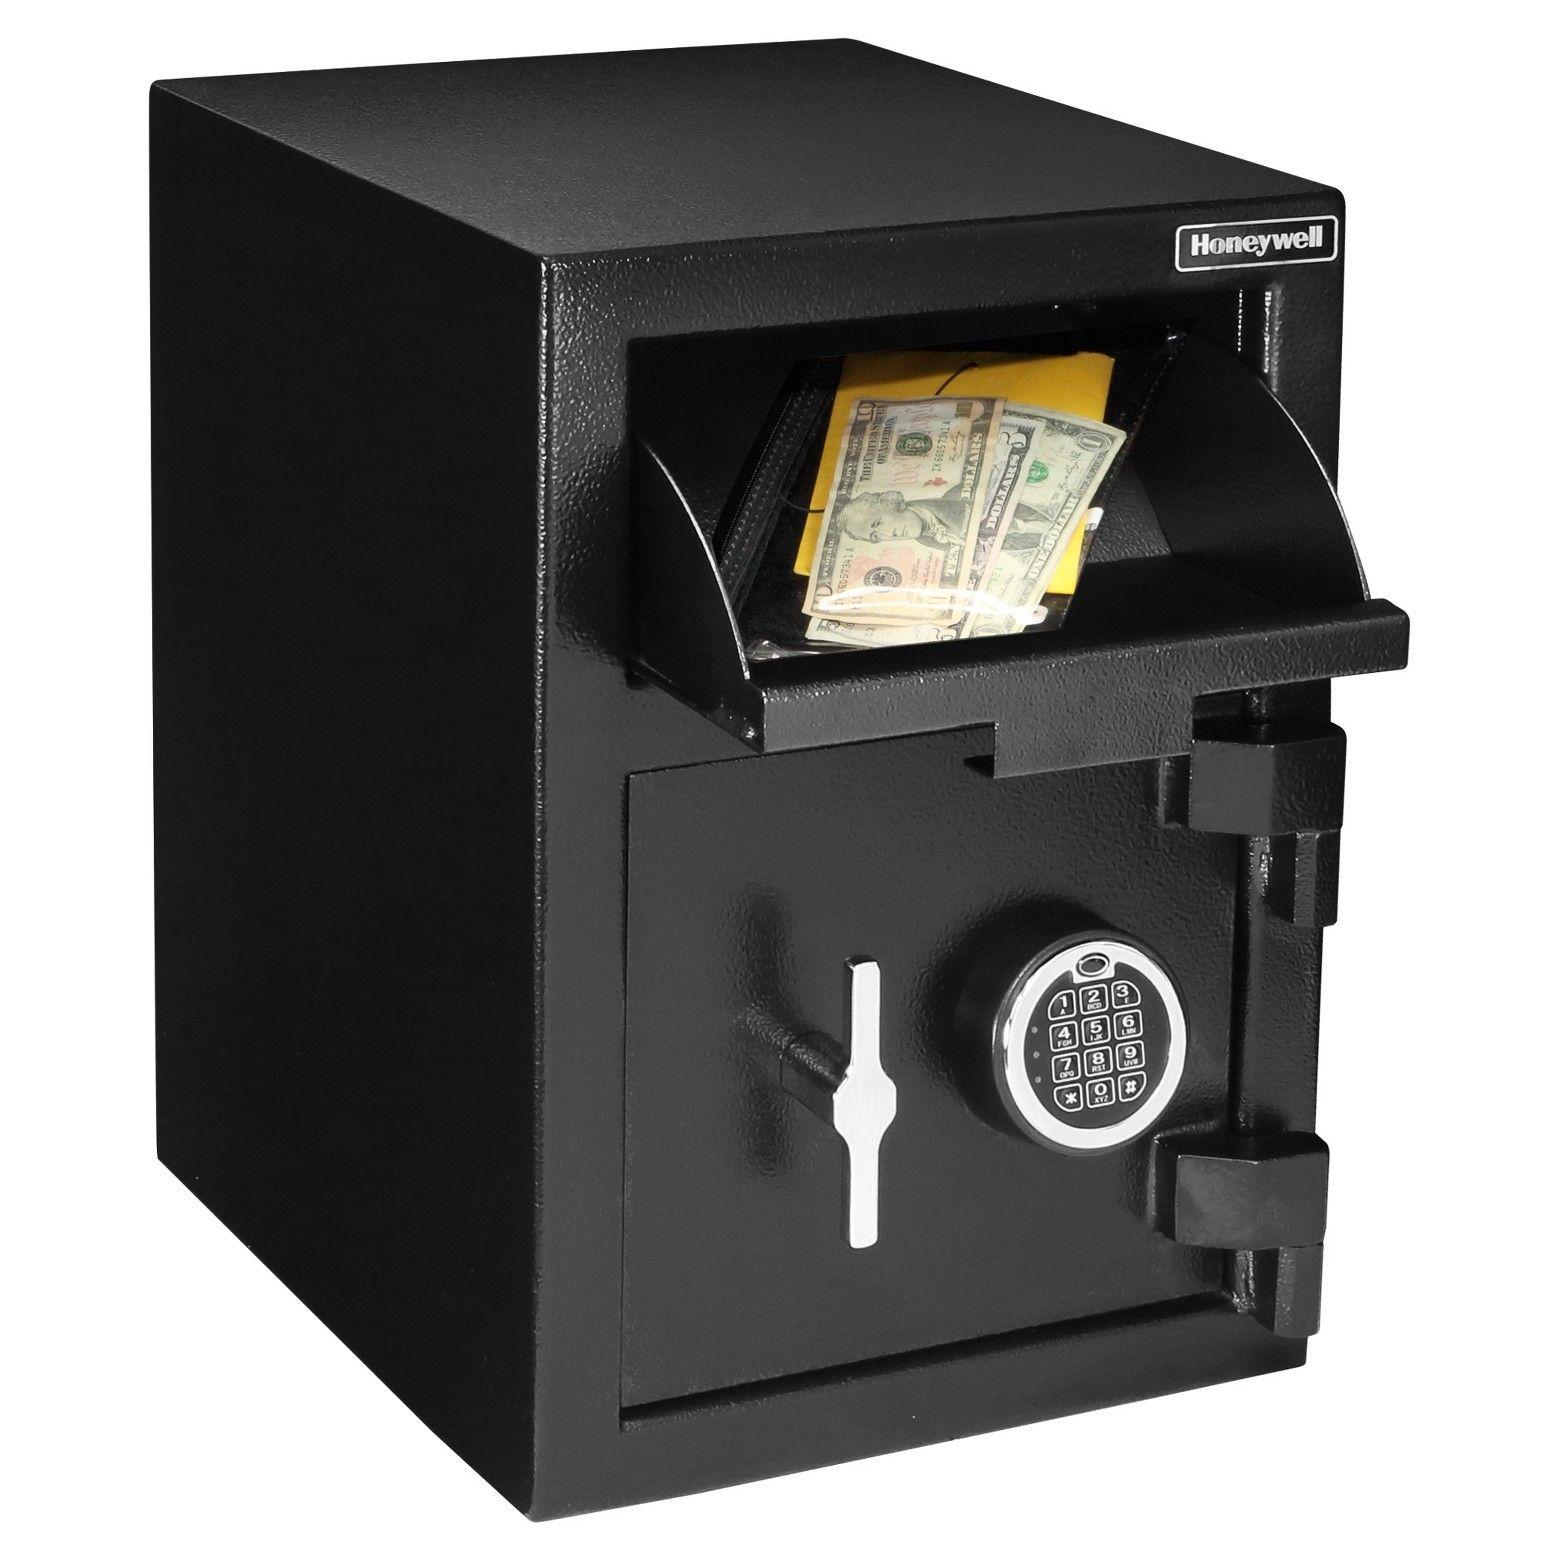 Honeywell Model 5912 Steel Digital Depository Security